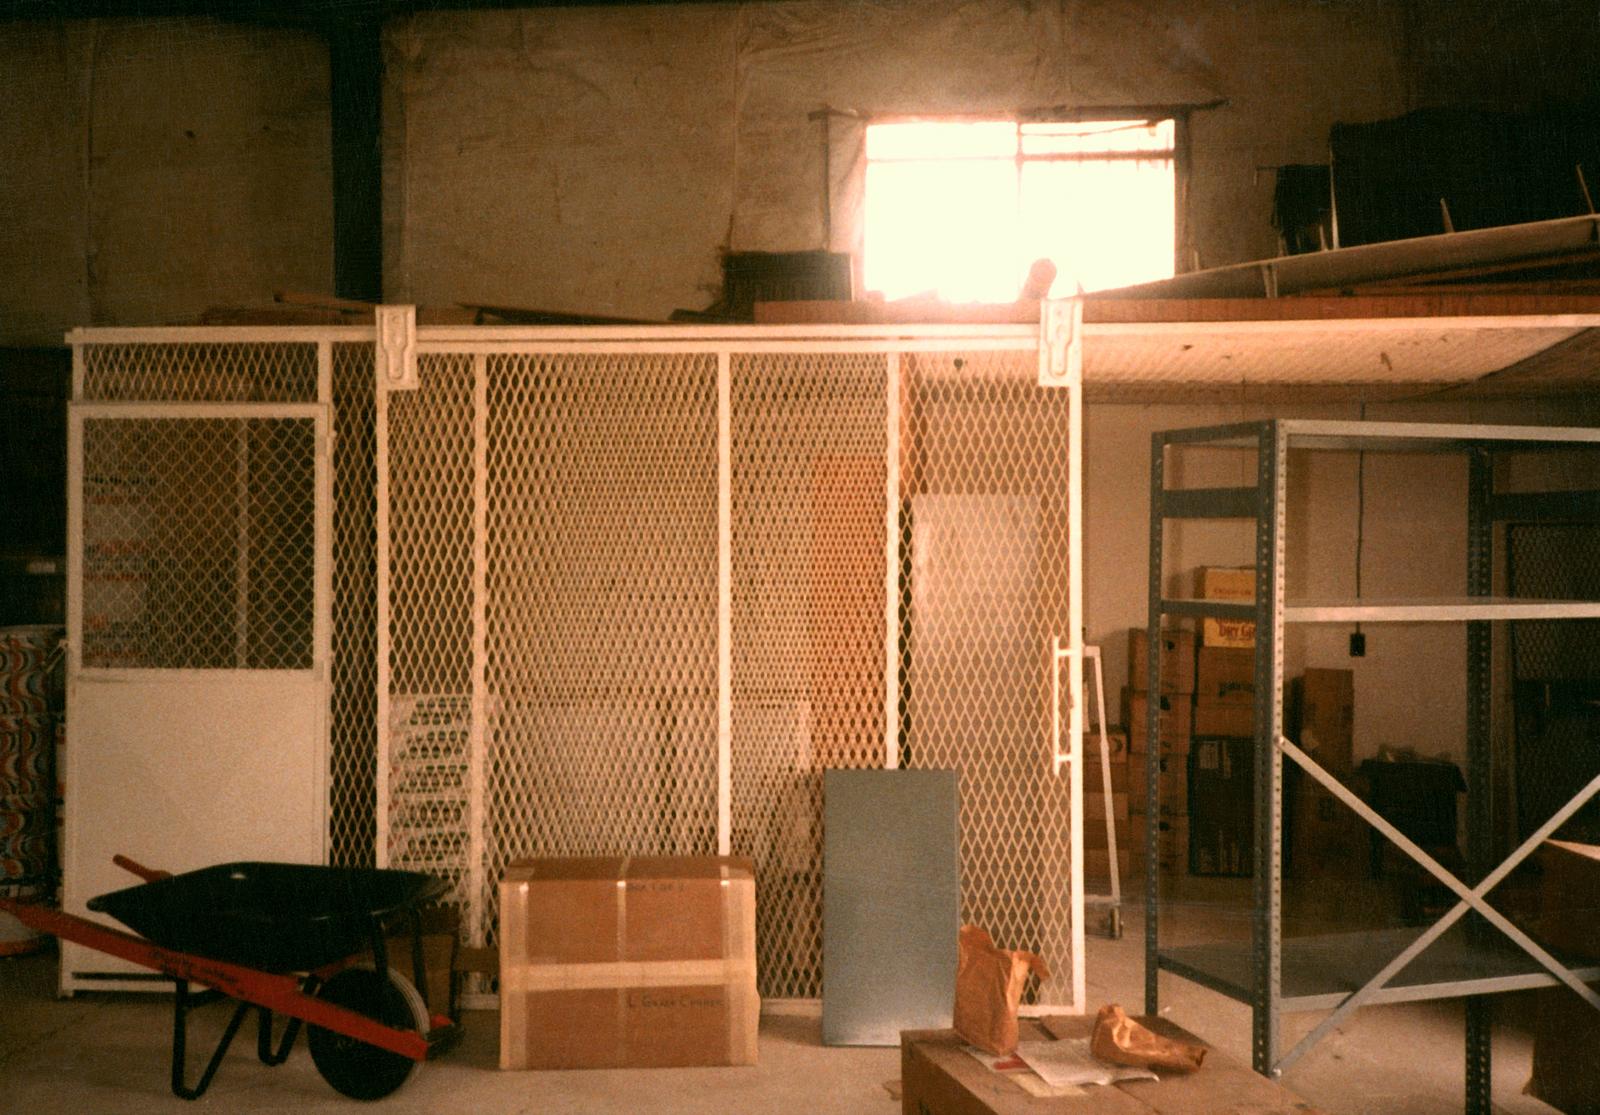 Libreville - Warehouse - 1983